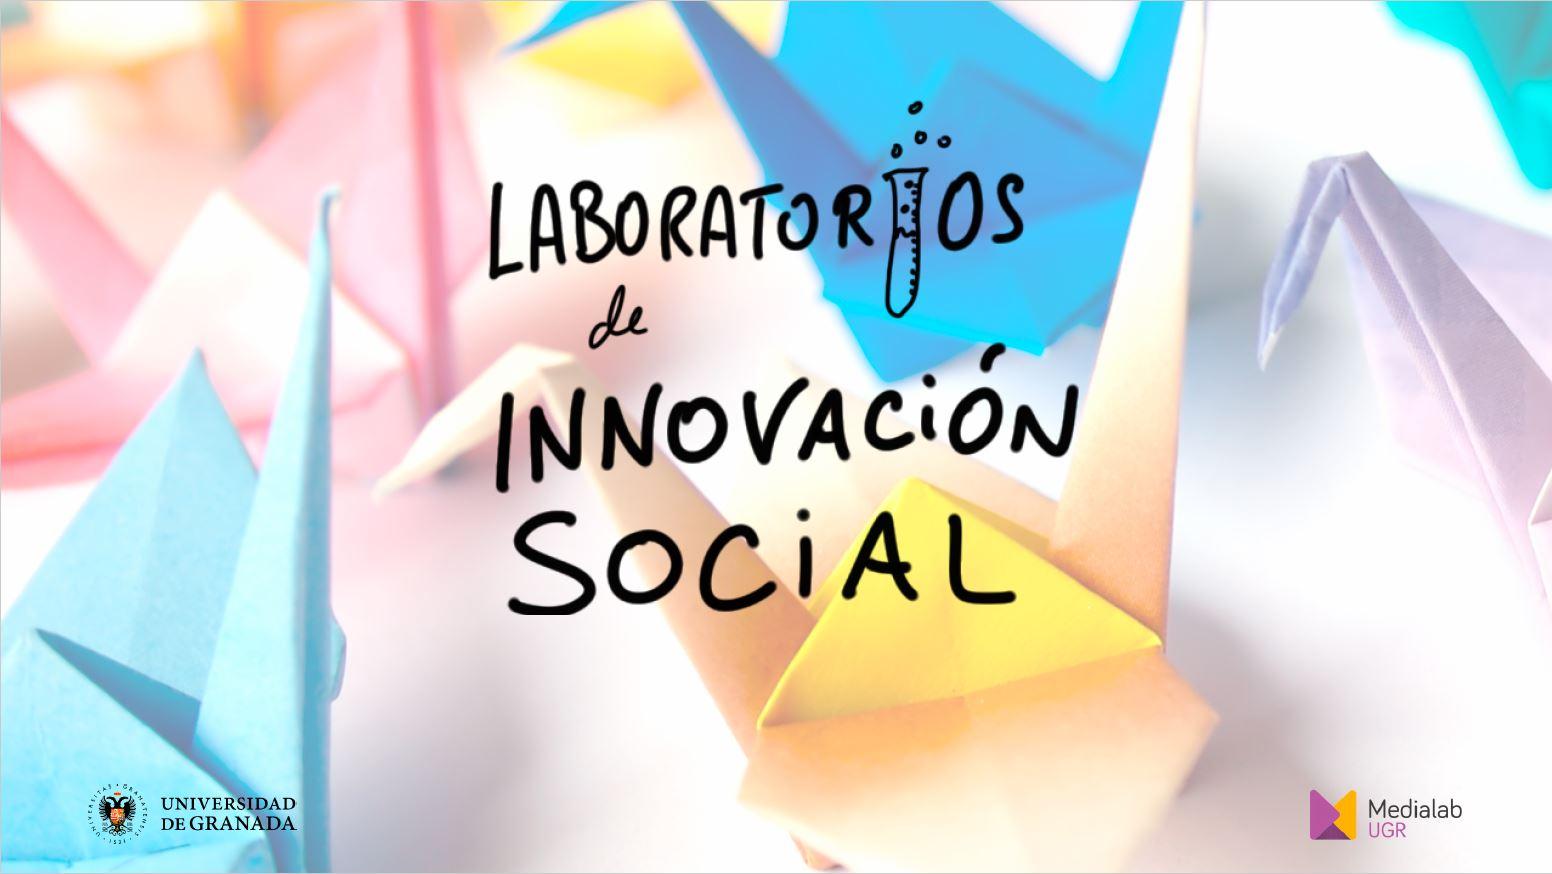 Crónica de la Jornada de presentación de propuestas del programa Laboratorios de Innovación Social